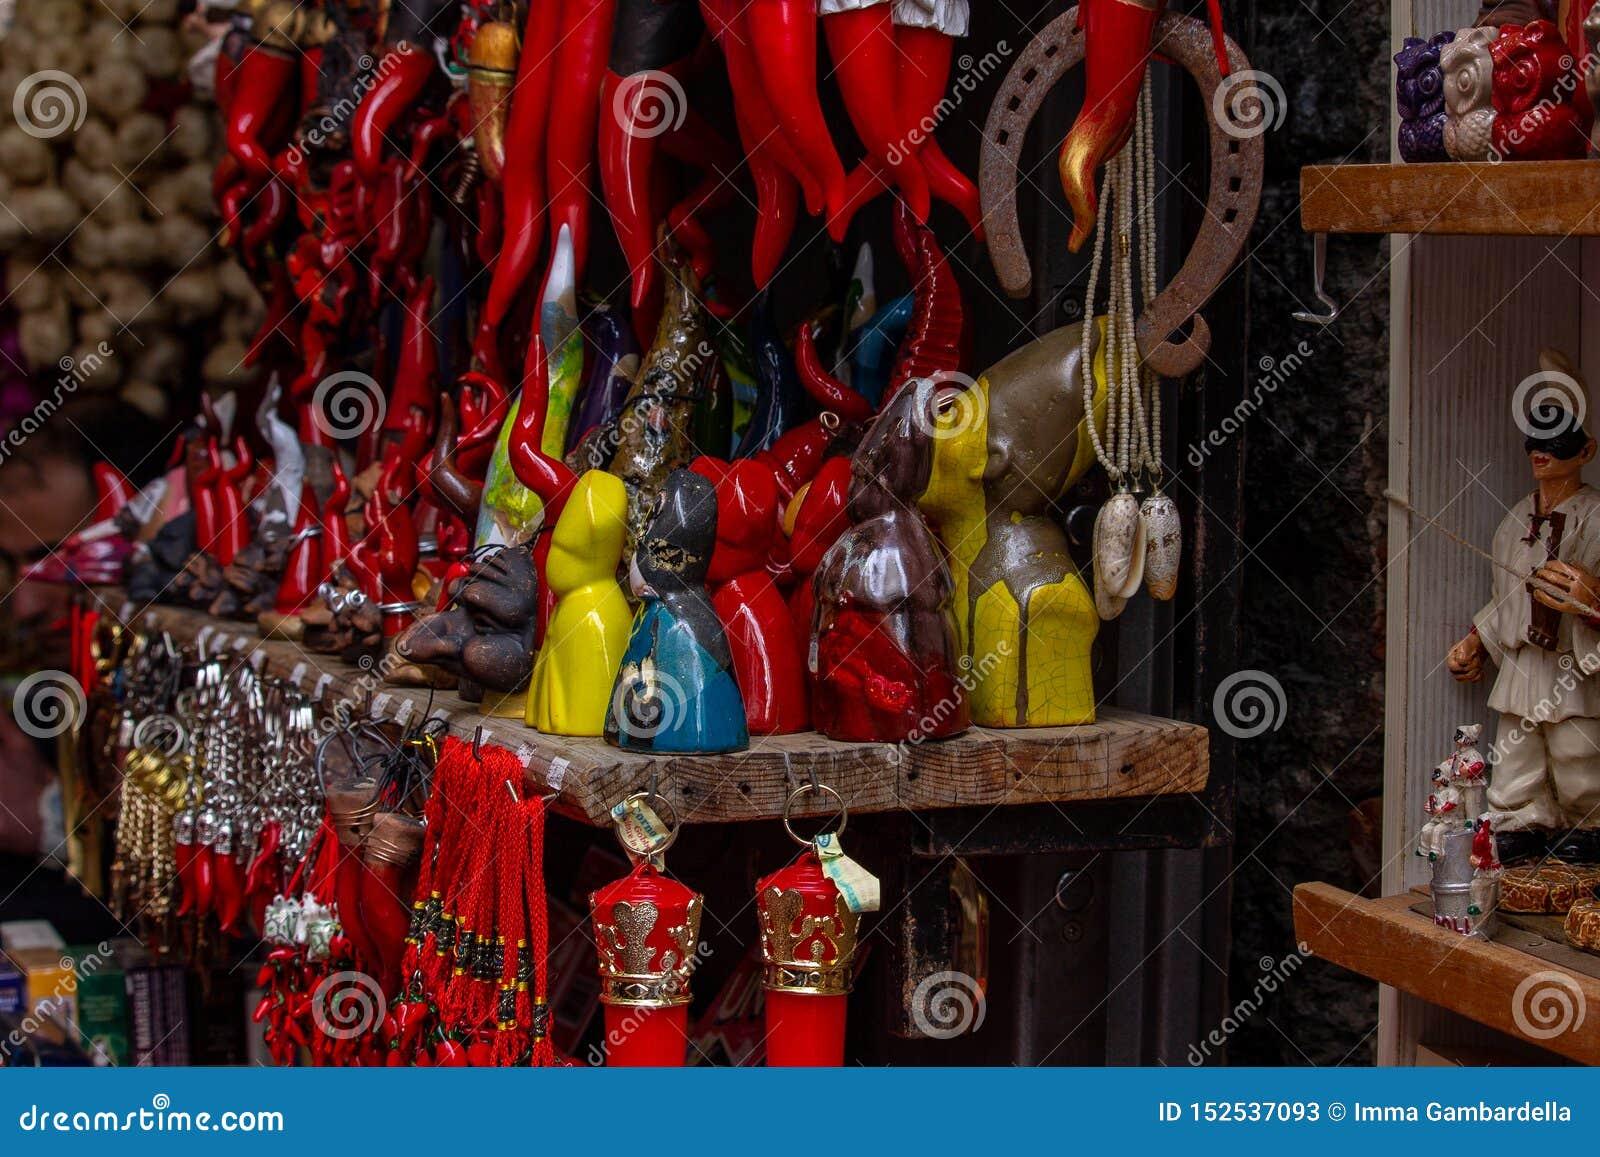 几幸运的魅力,幸运的垫铁,马掌 在前景圣热纳罗设计小雕象